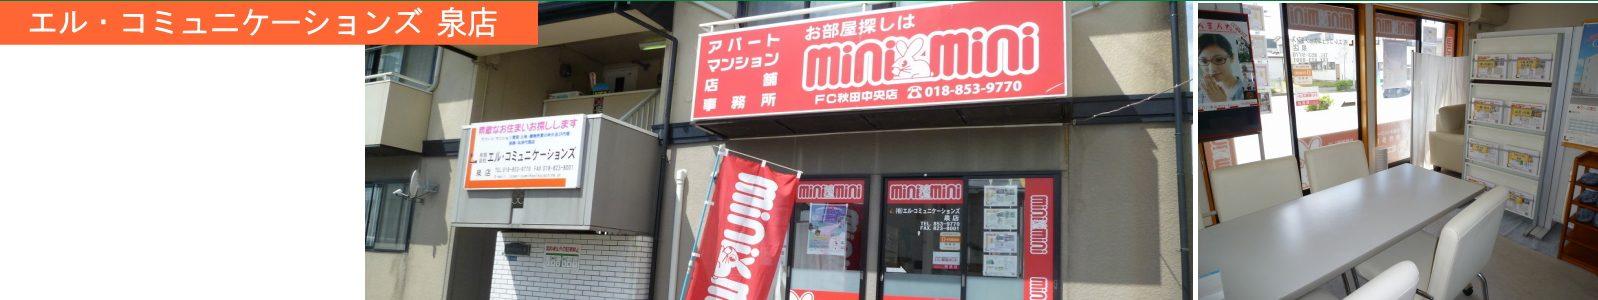 エル・コミュニケーションズ 泉店